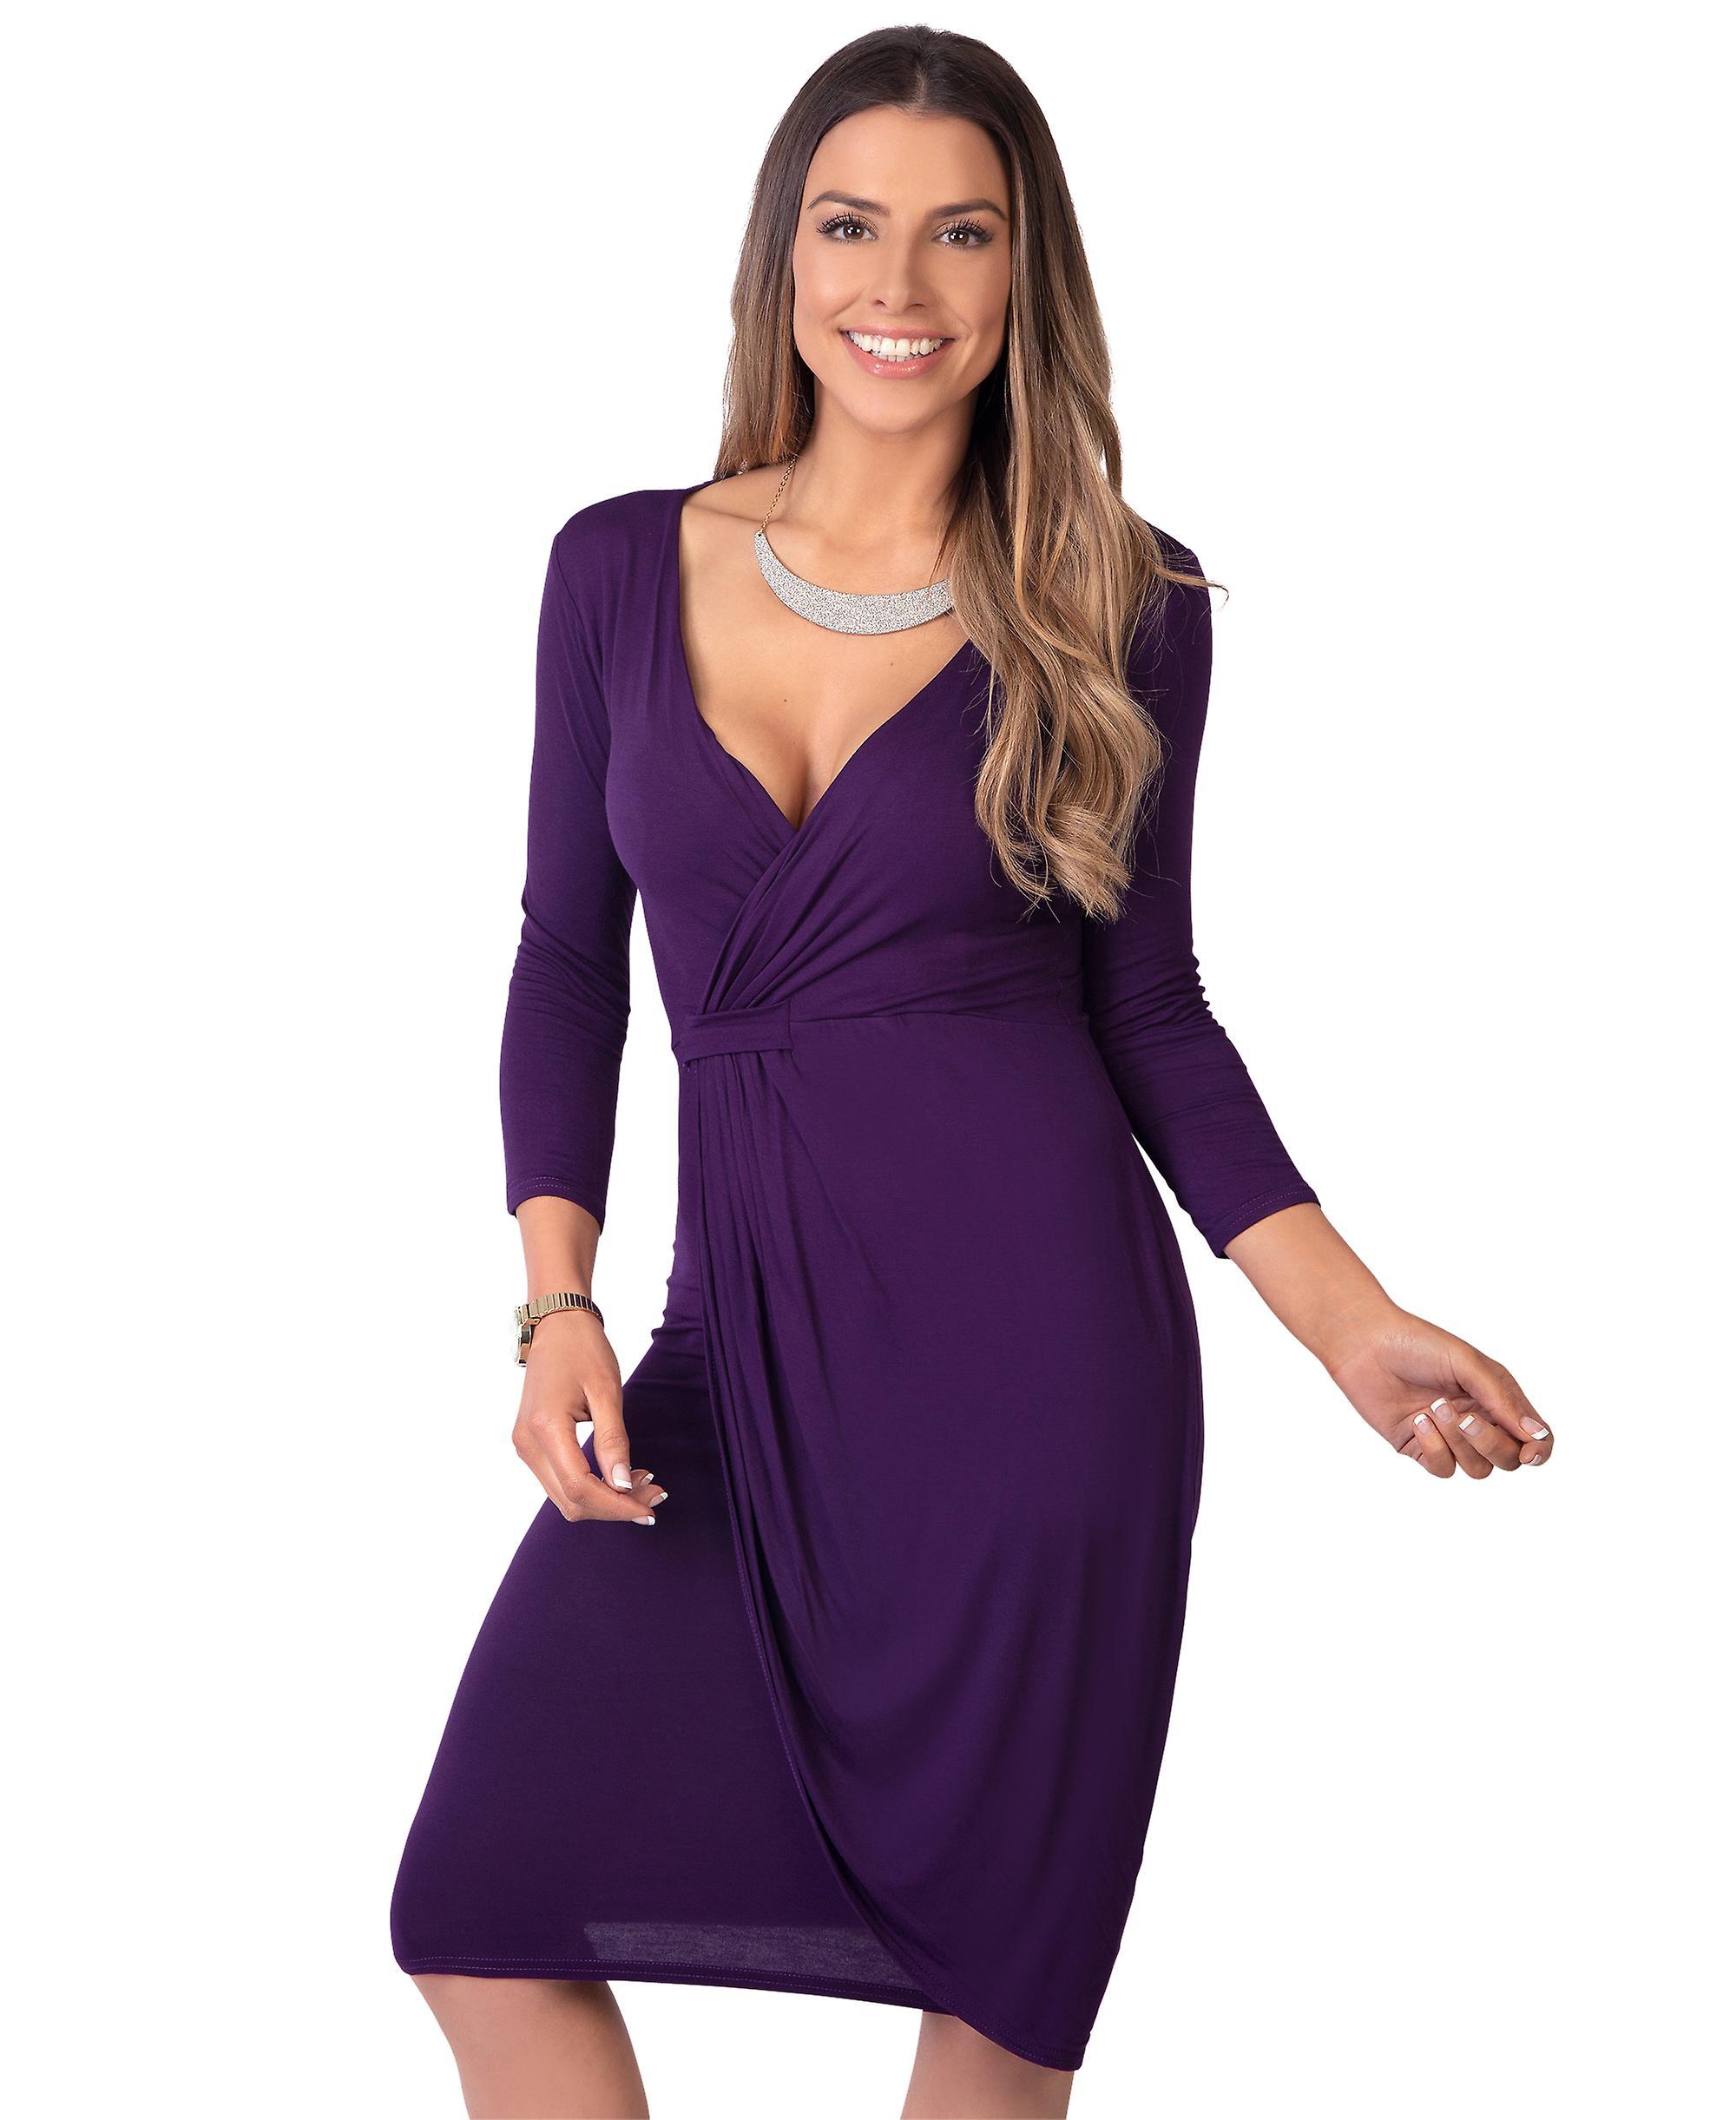 6a978c9390fe LONESJOEDAHL beskedne endnu meget flatterende Wrap omkring Midi kjole